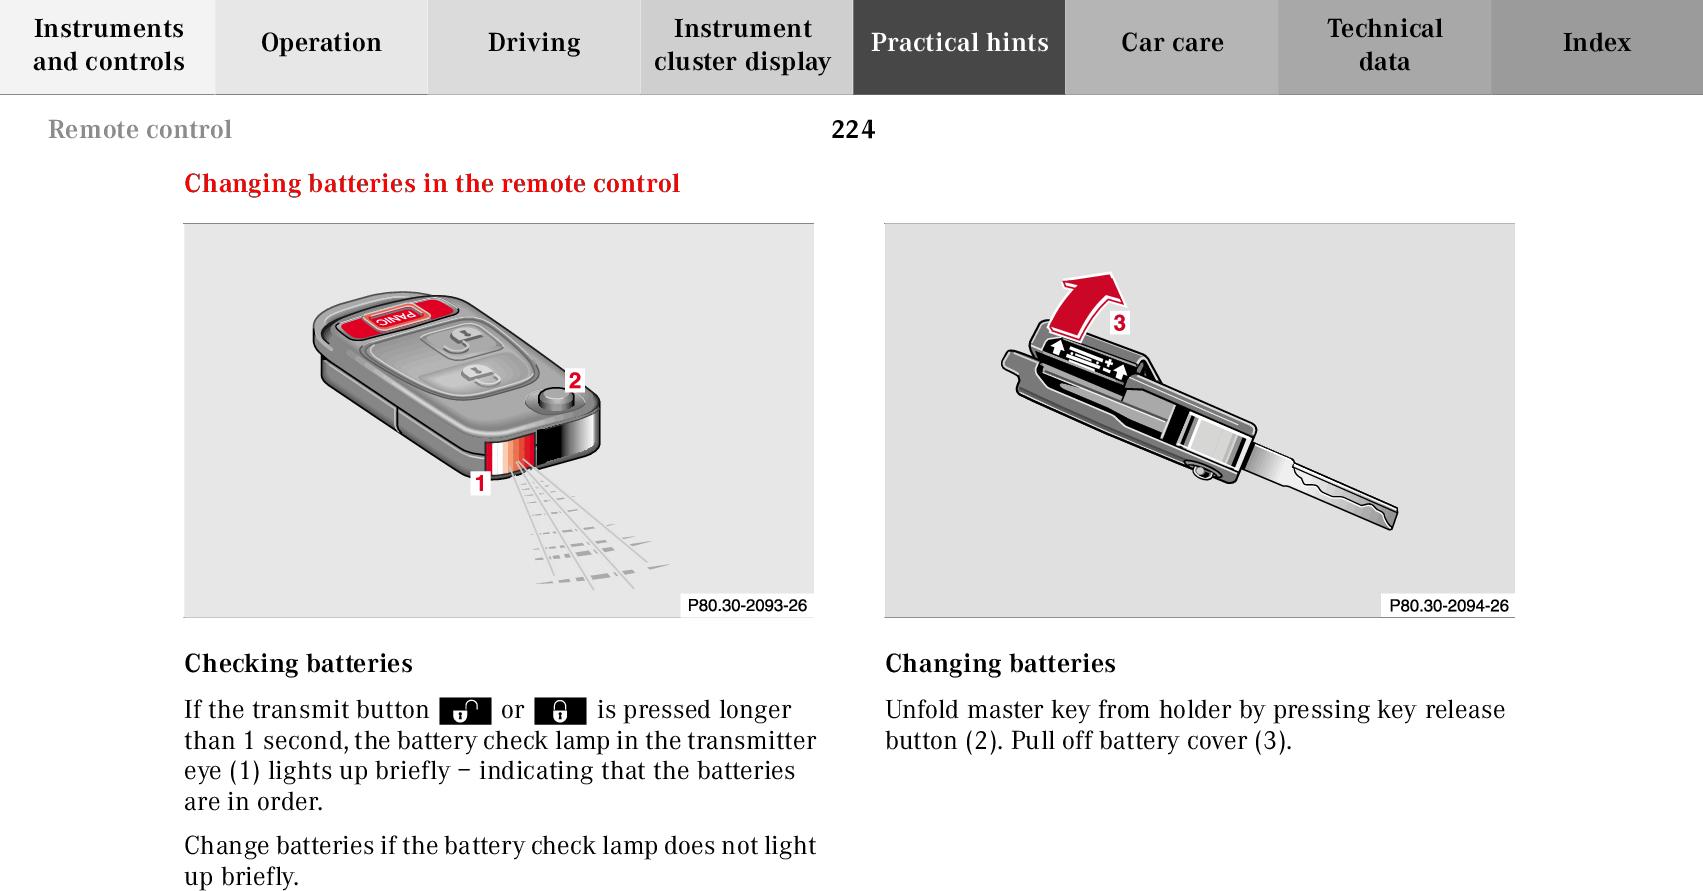 Mercedes Benz 2001 Slk 230 Kompressor Users Manual